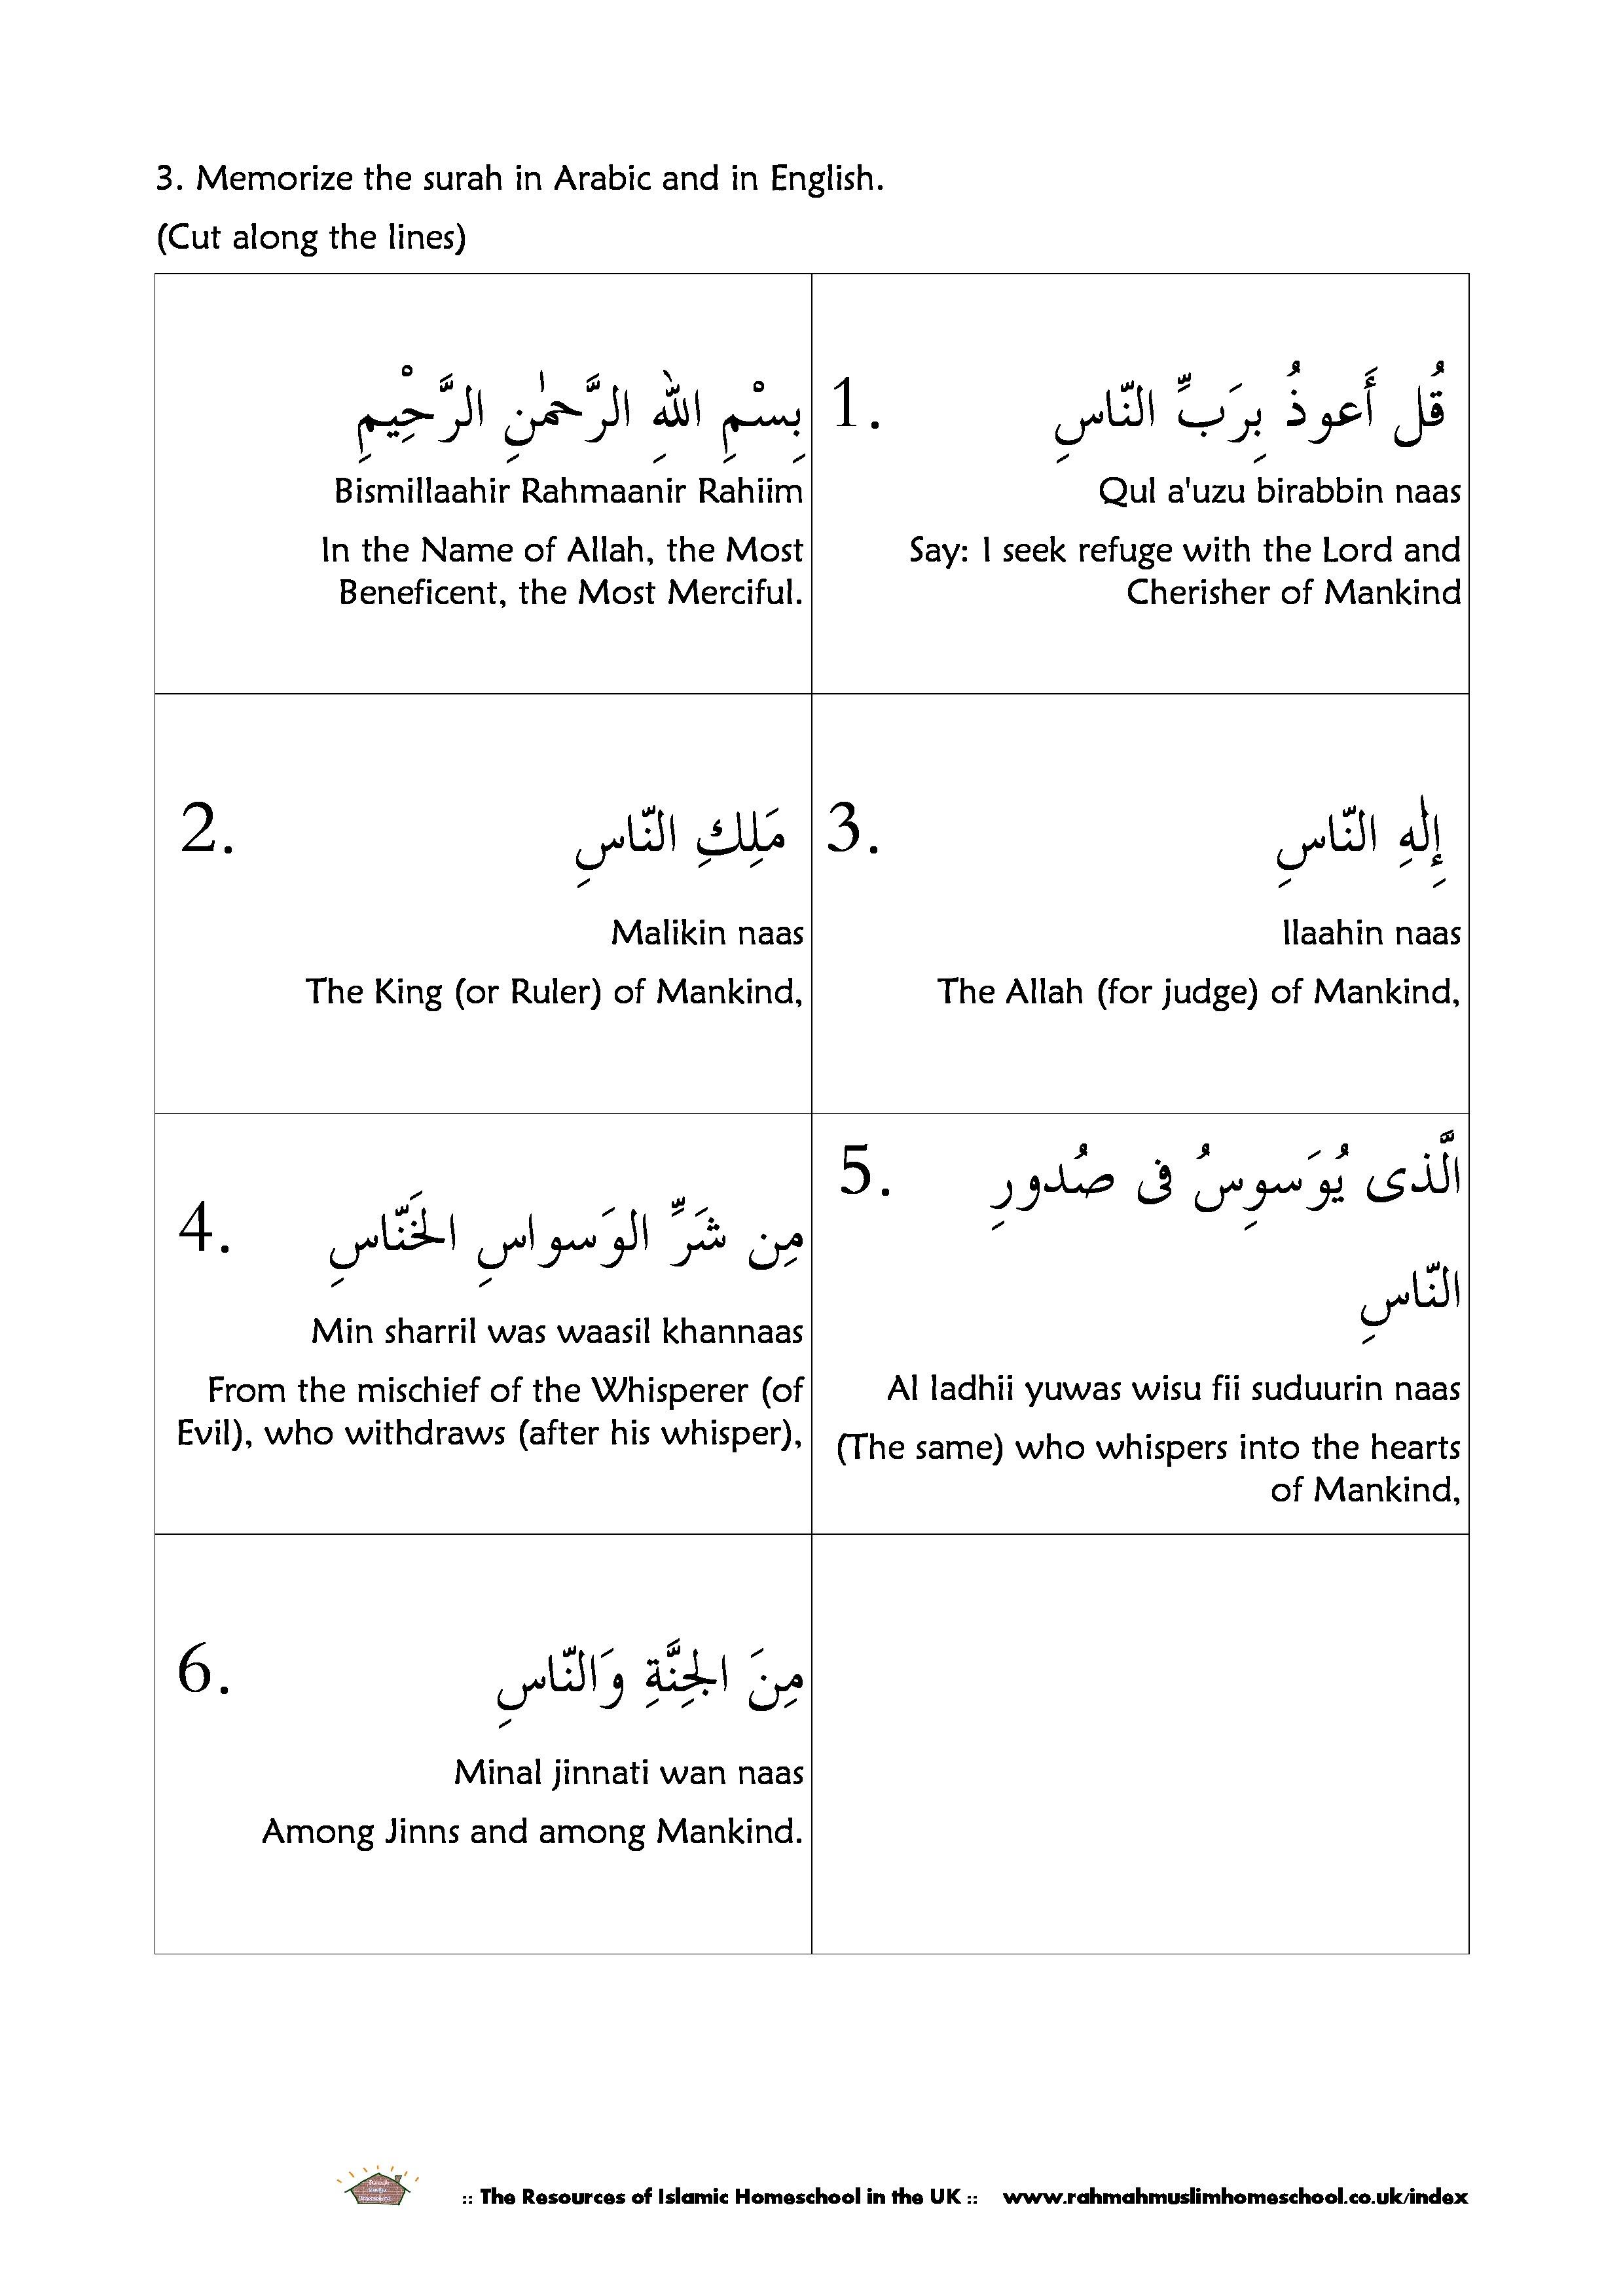 18 MEANING OF SURAH NAAS IN URDU